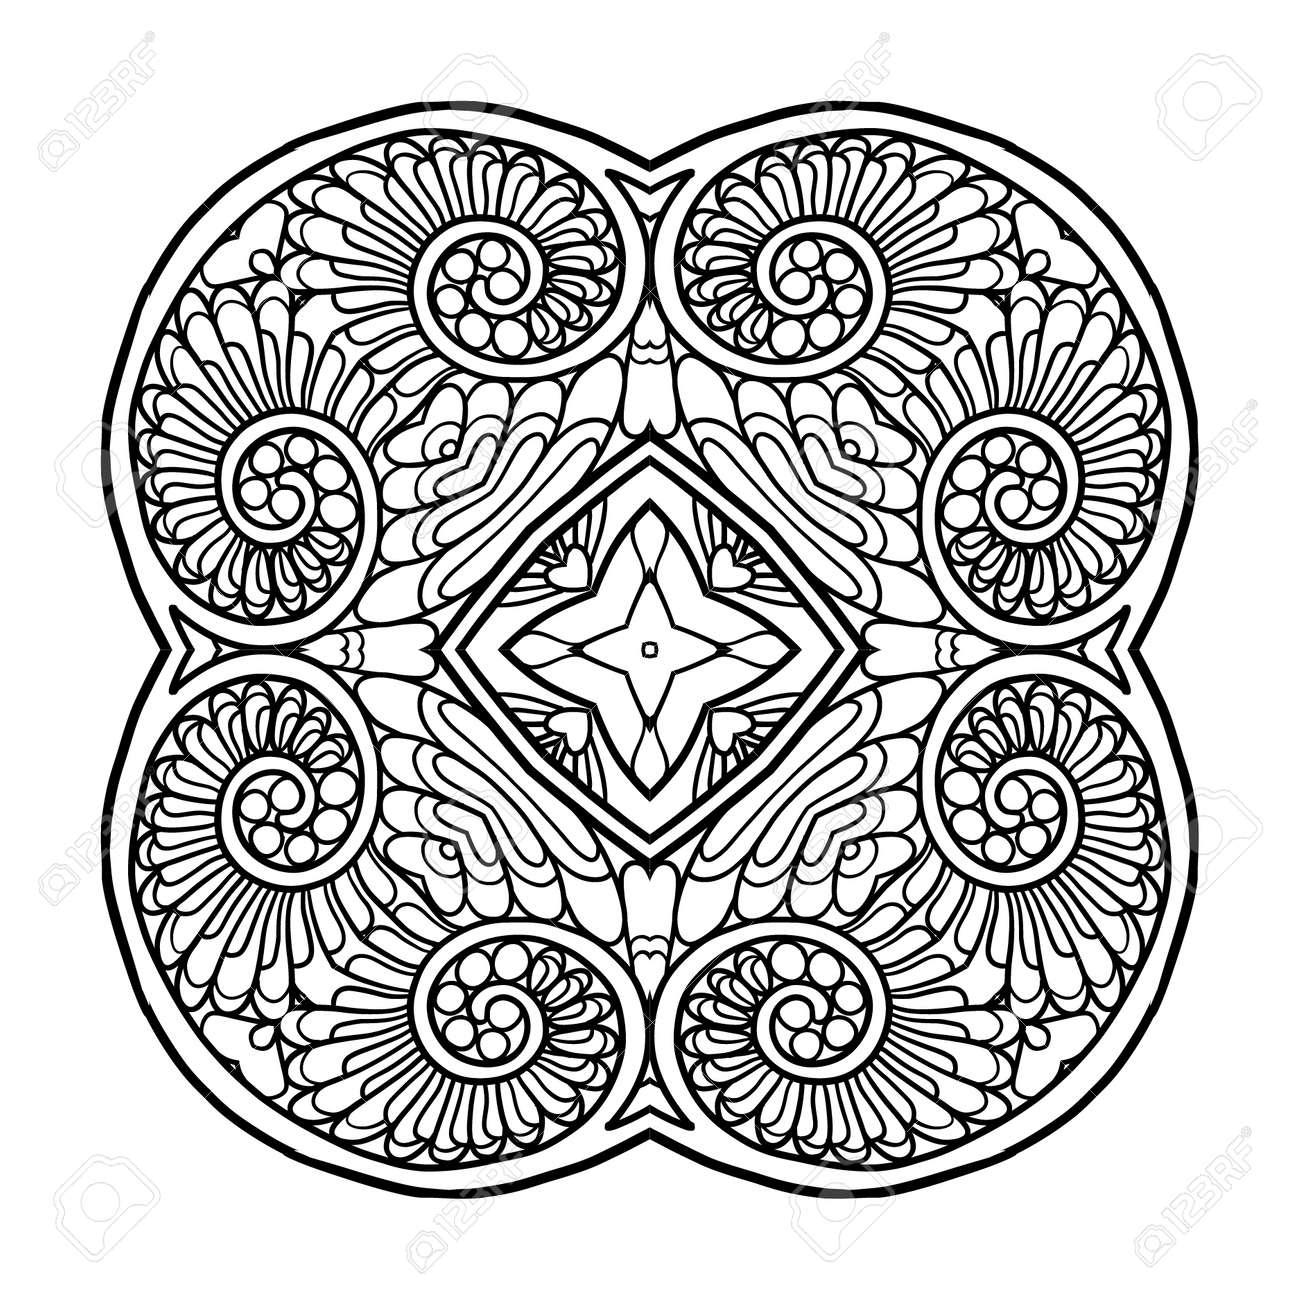 Mandala Decorativa Ilustración Del Vector Bueno Para Colorear Libro Para Adultos Y Niños Mayores Dibujo Para Colorear Dibujo De Esquema